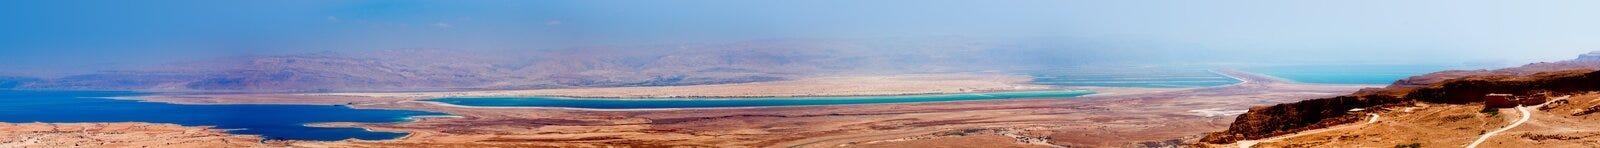 Vista panorámica del mar muerto en el desierto de Judaean - Israel Imágenes de archivo libres de regalías